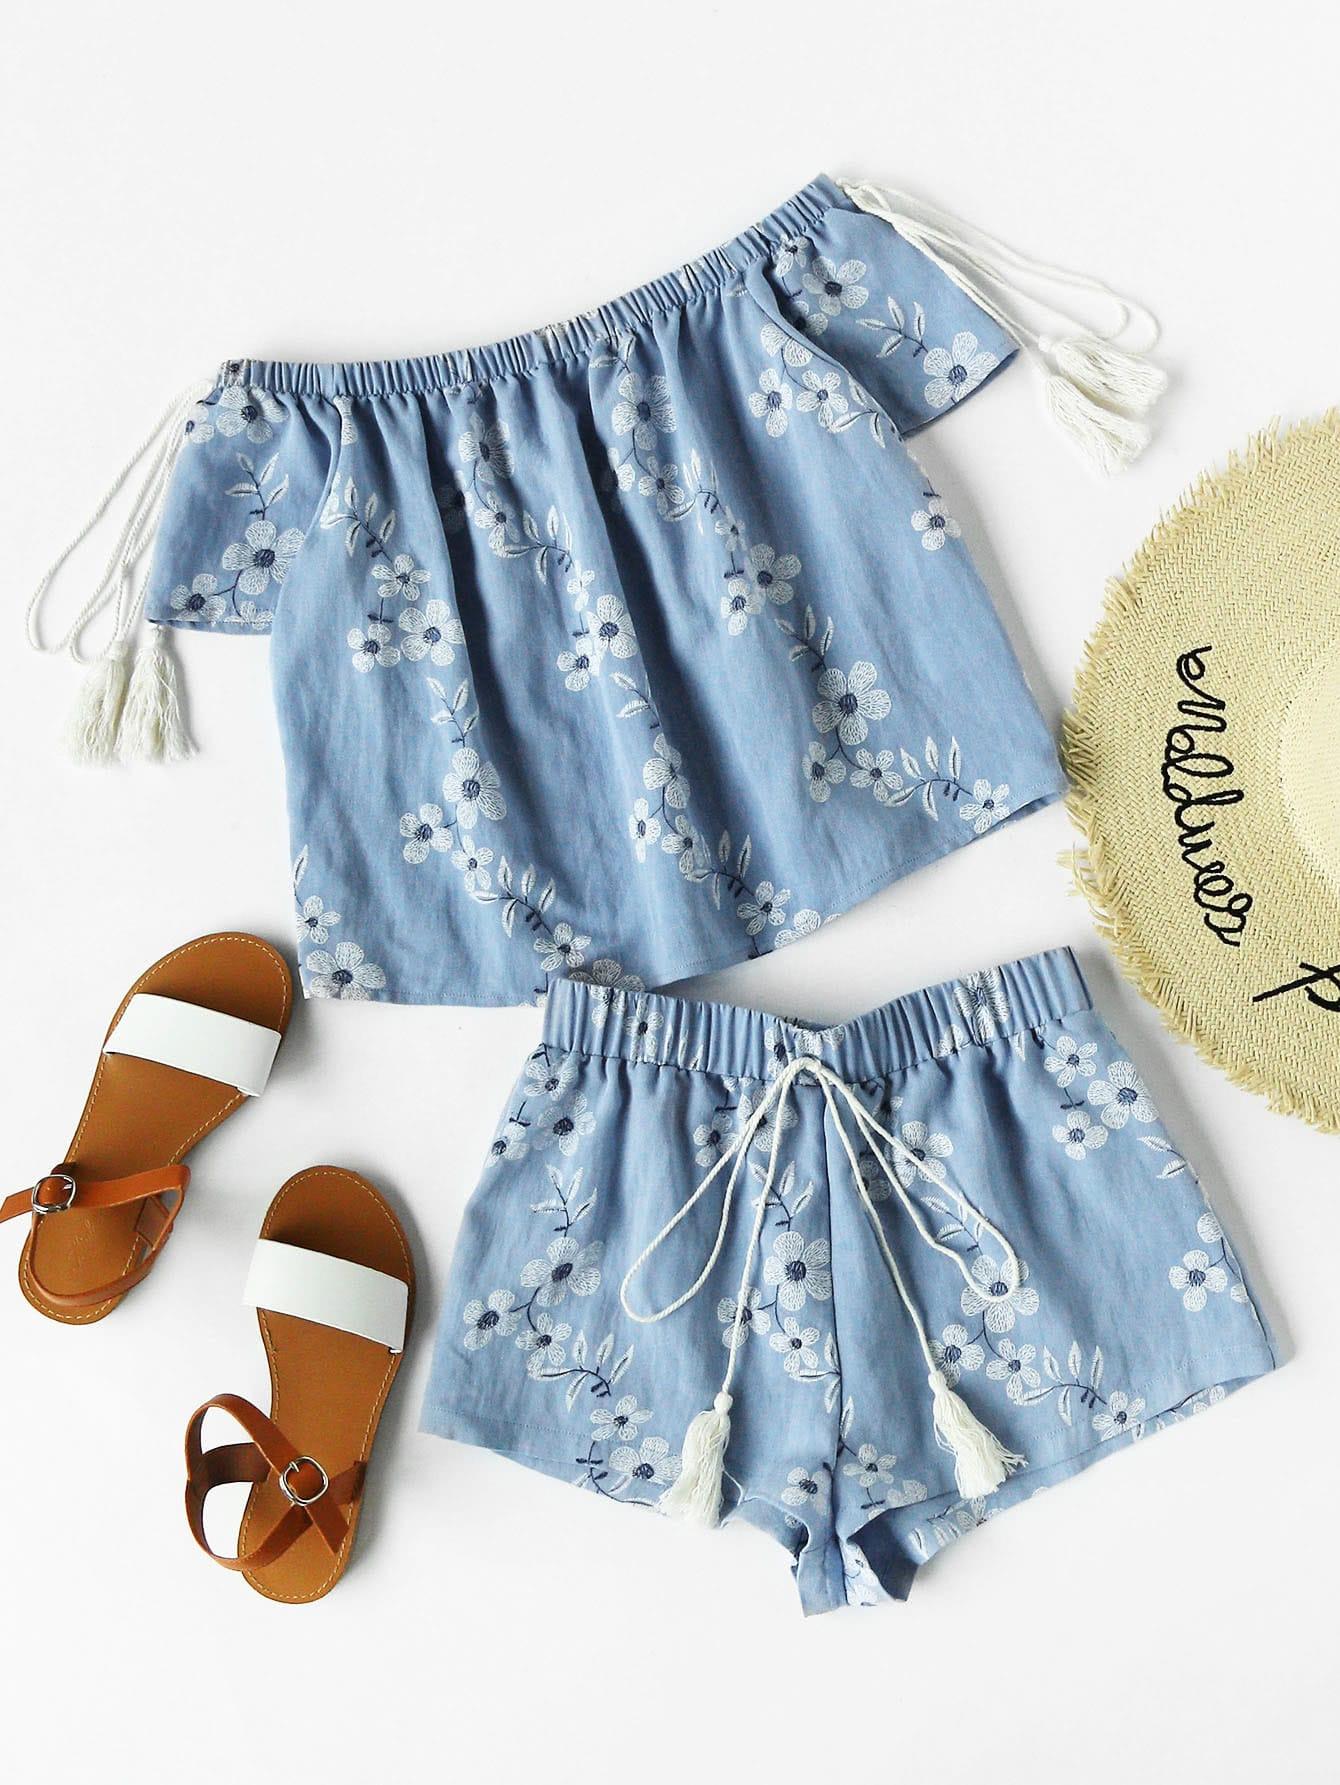 Фото Flower Print Tasseled Tie Bardot Top And Shorts Set. Купить с доставкой